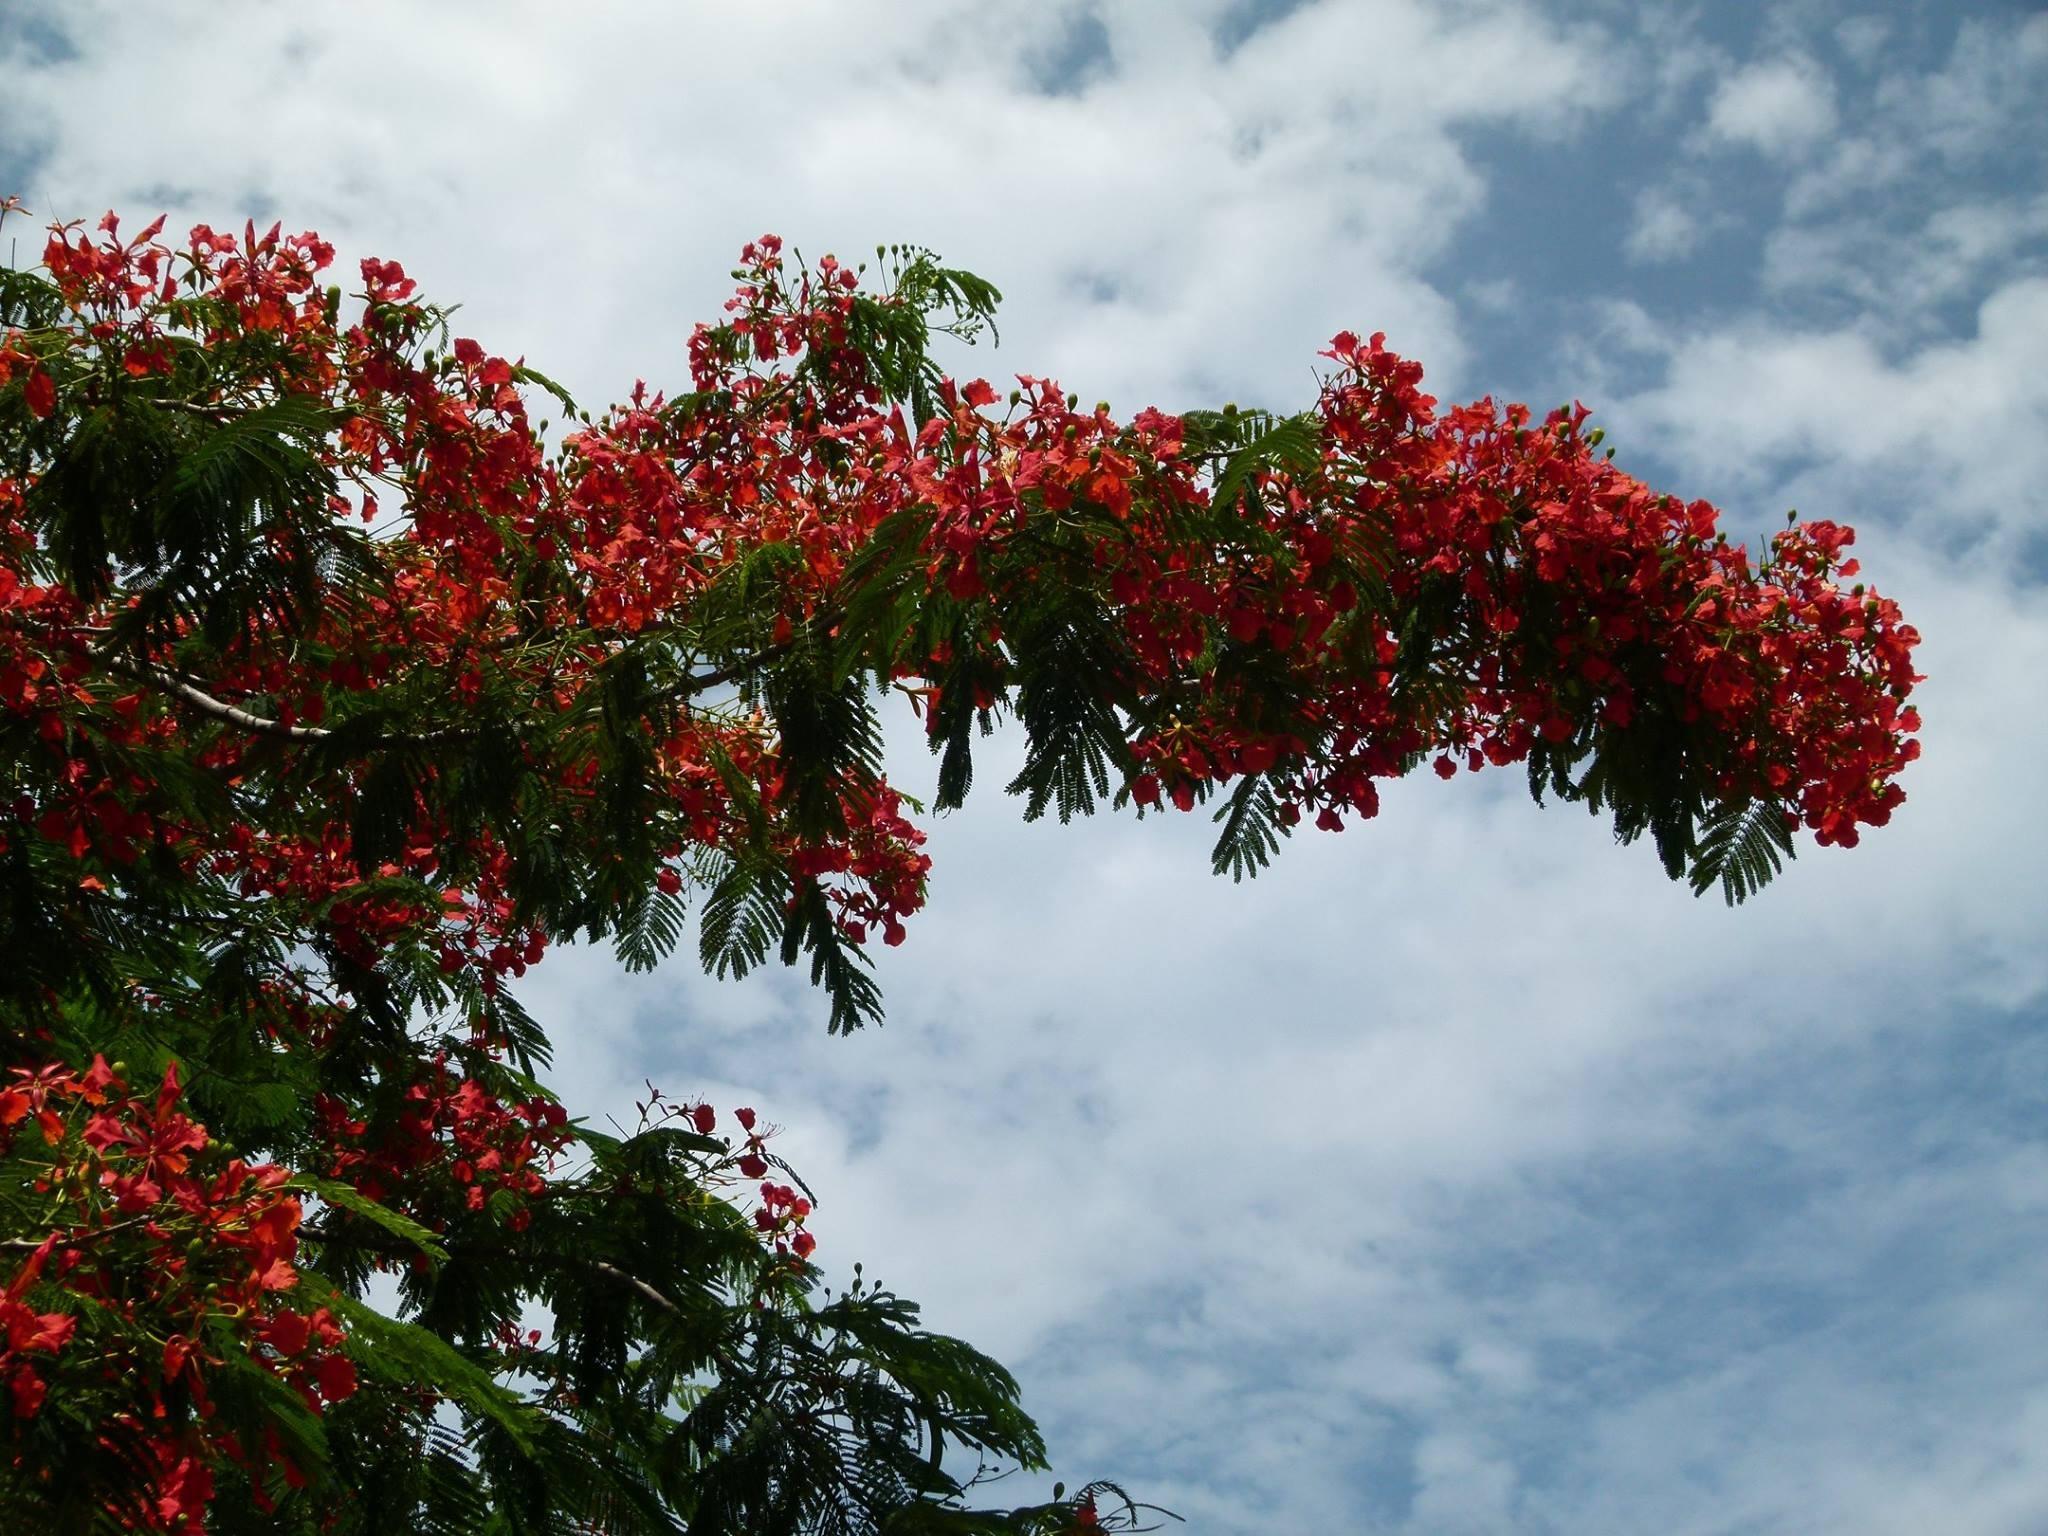 может дерево с большими красными цветами фото сделать топиарий